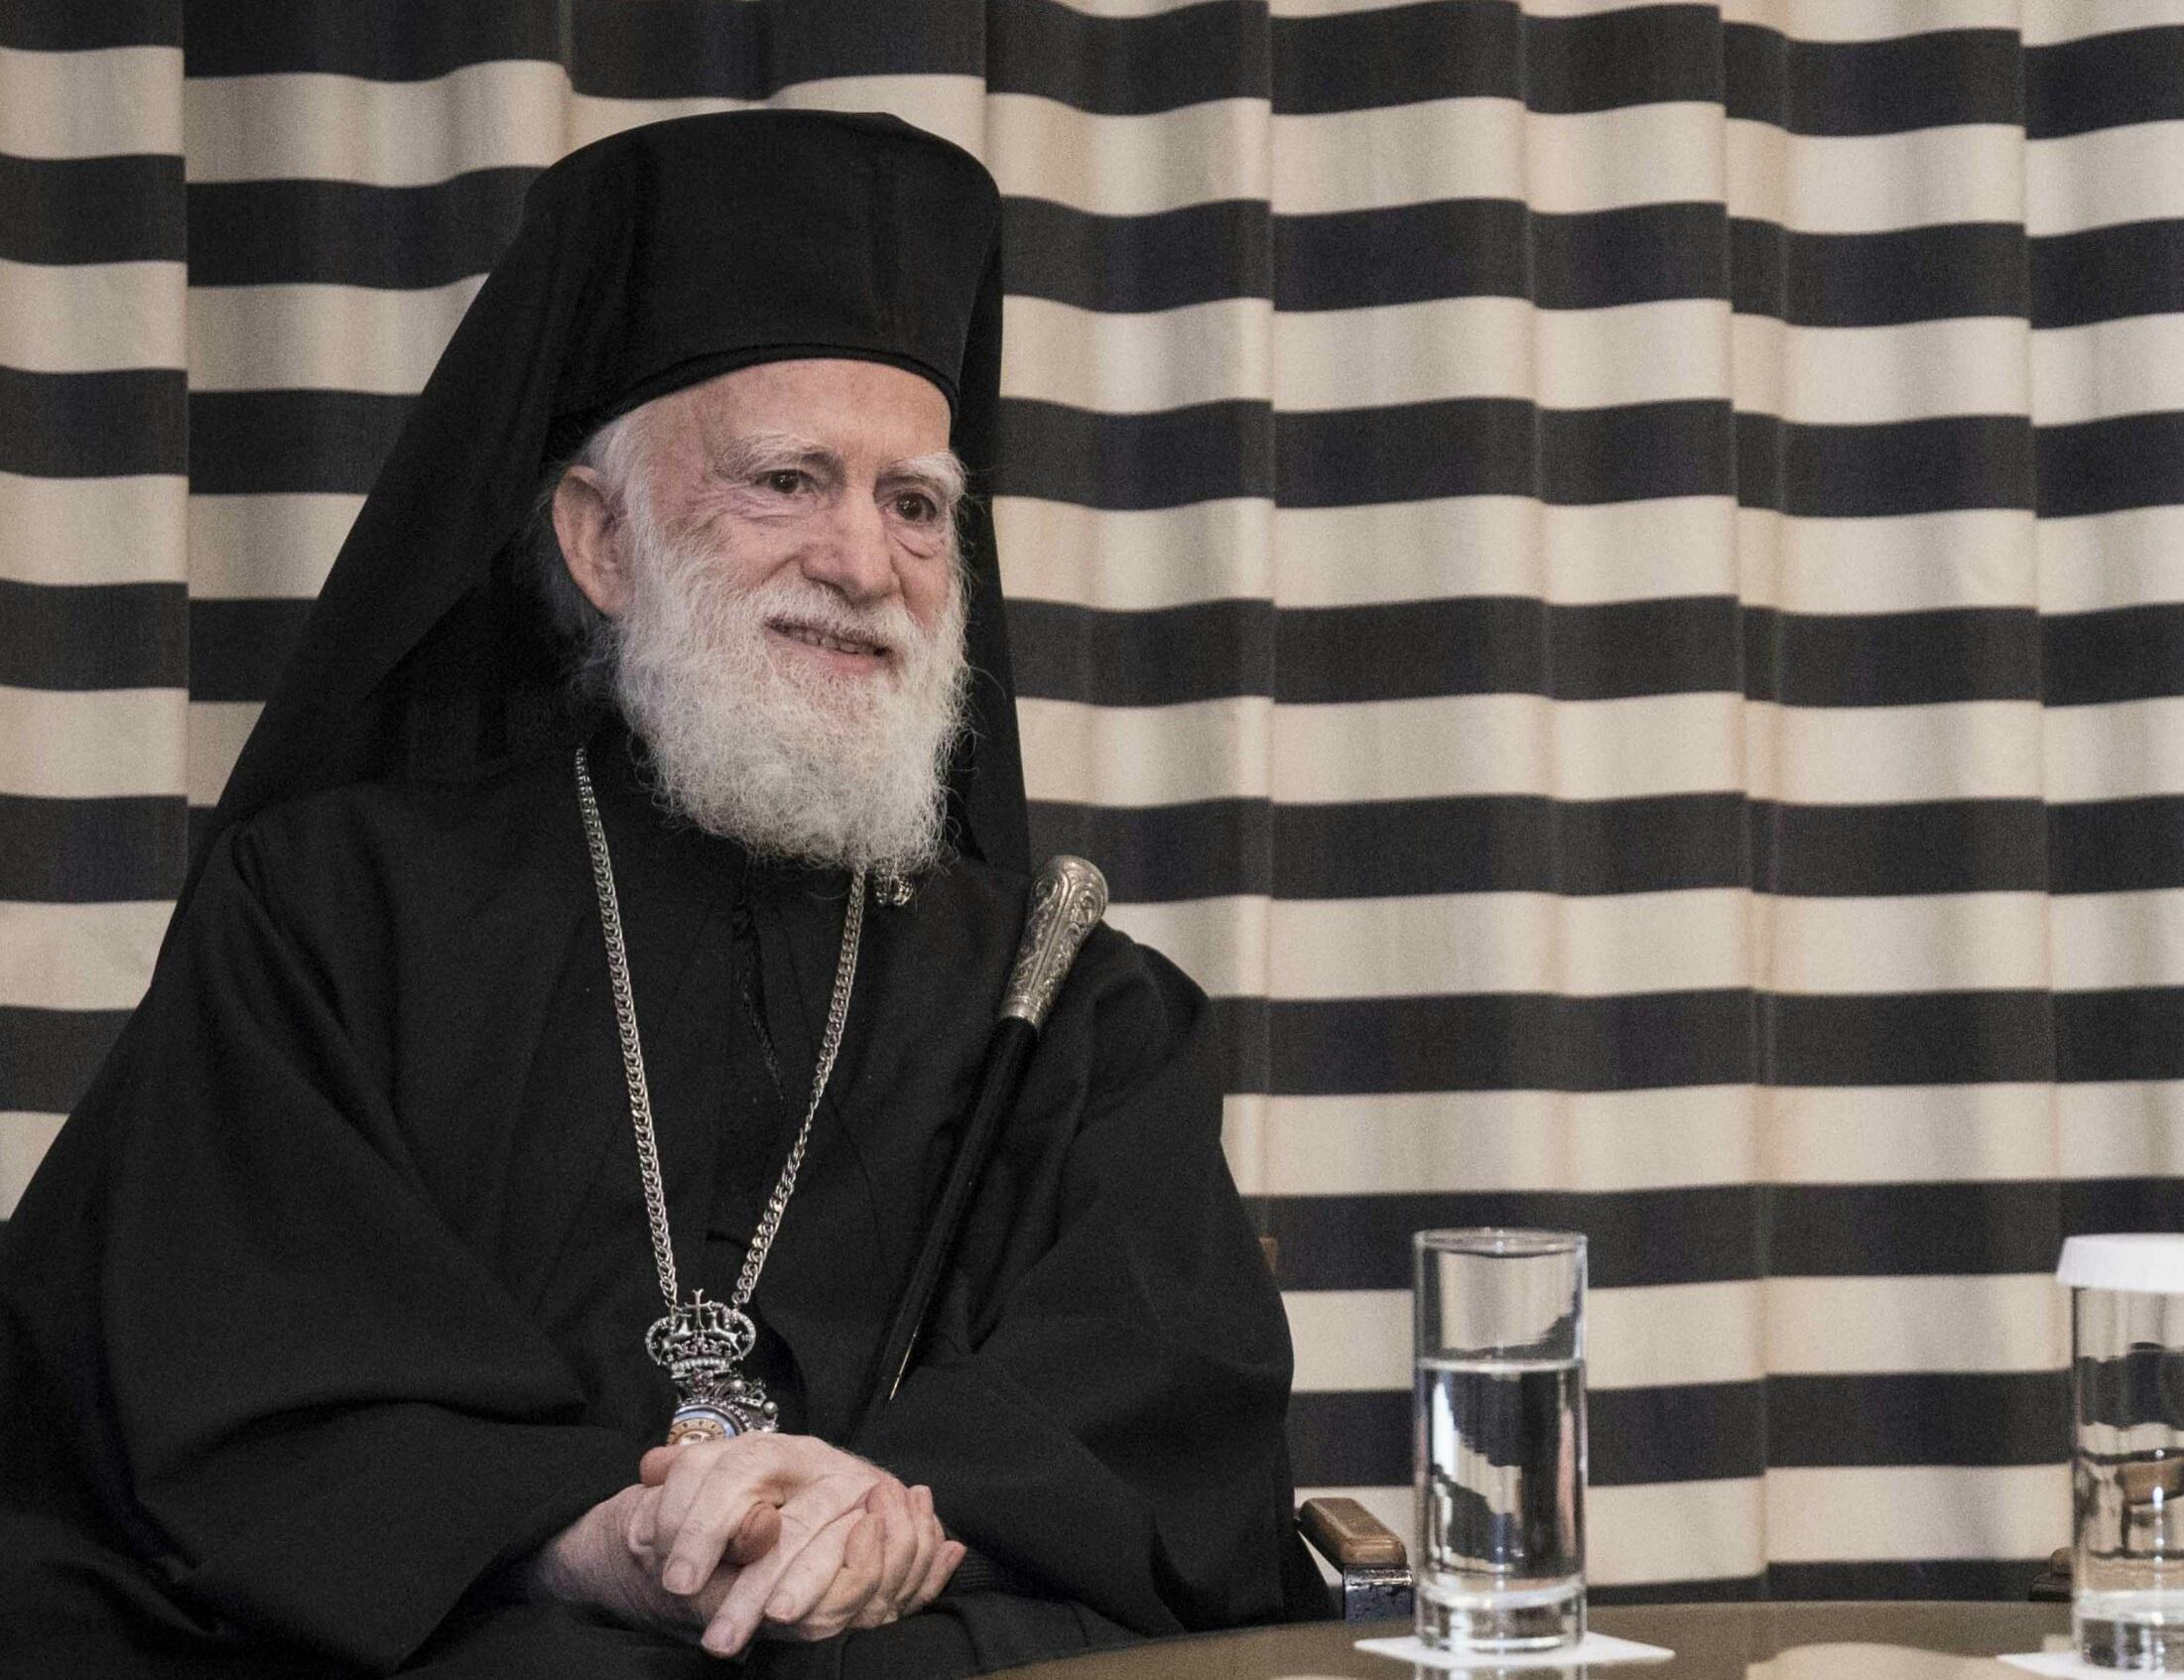 Ηράκλειο: Κερδίζει τη μεγάλη μάχη για τη ζωή του ο Αρχιεπίσκοπος Κρήτης Ειρηναίος!